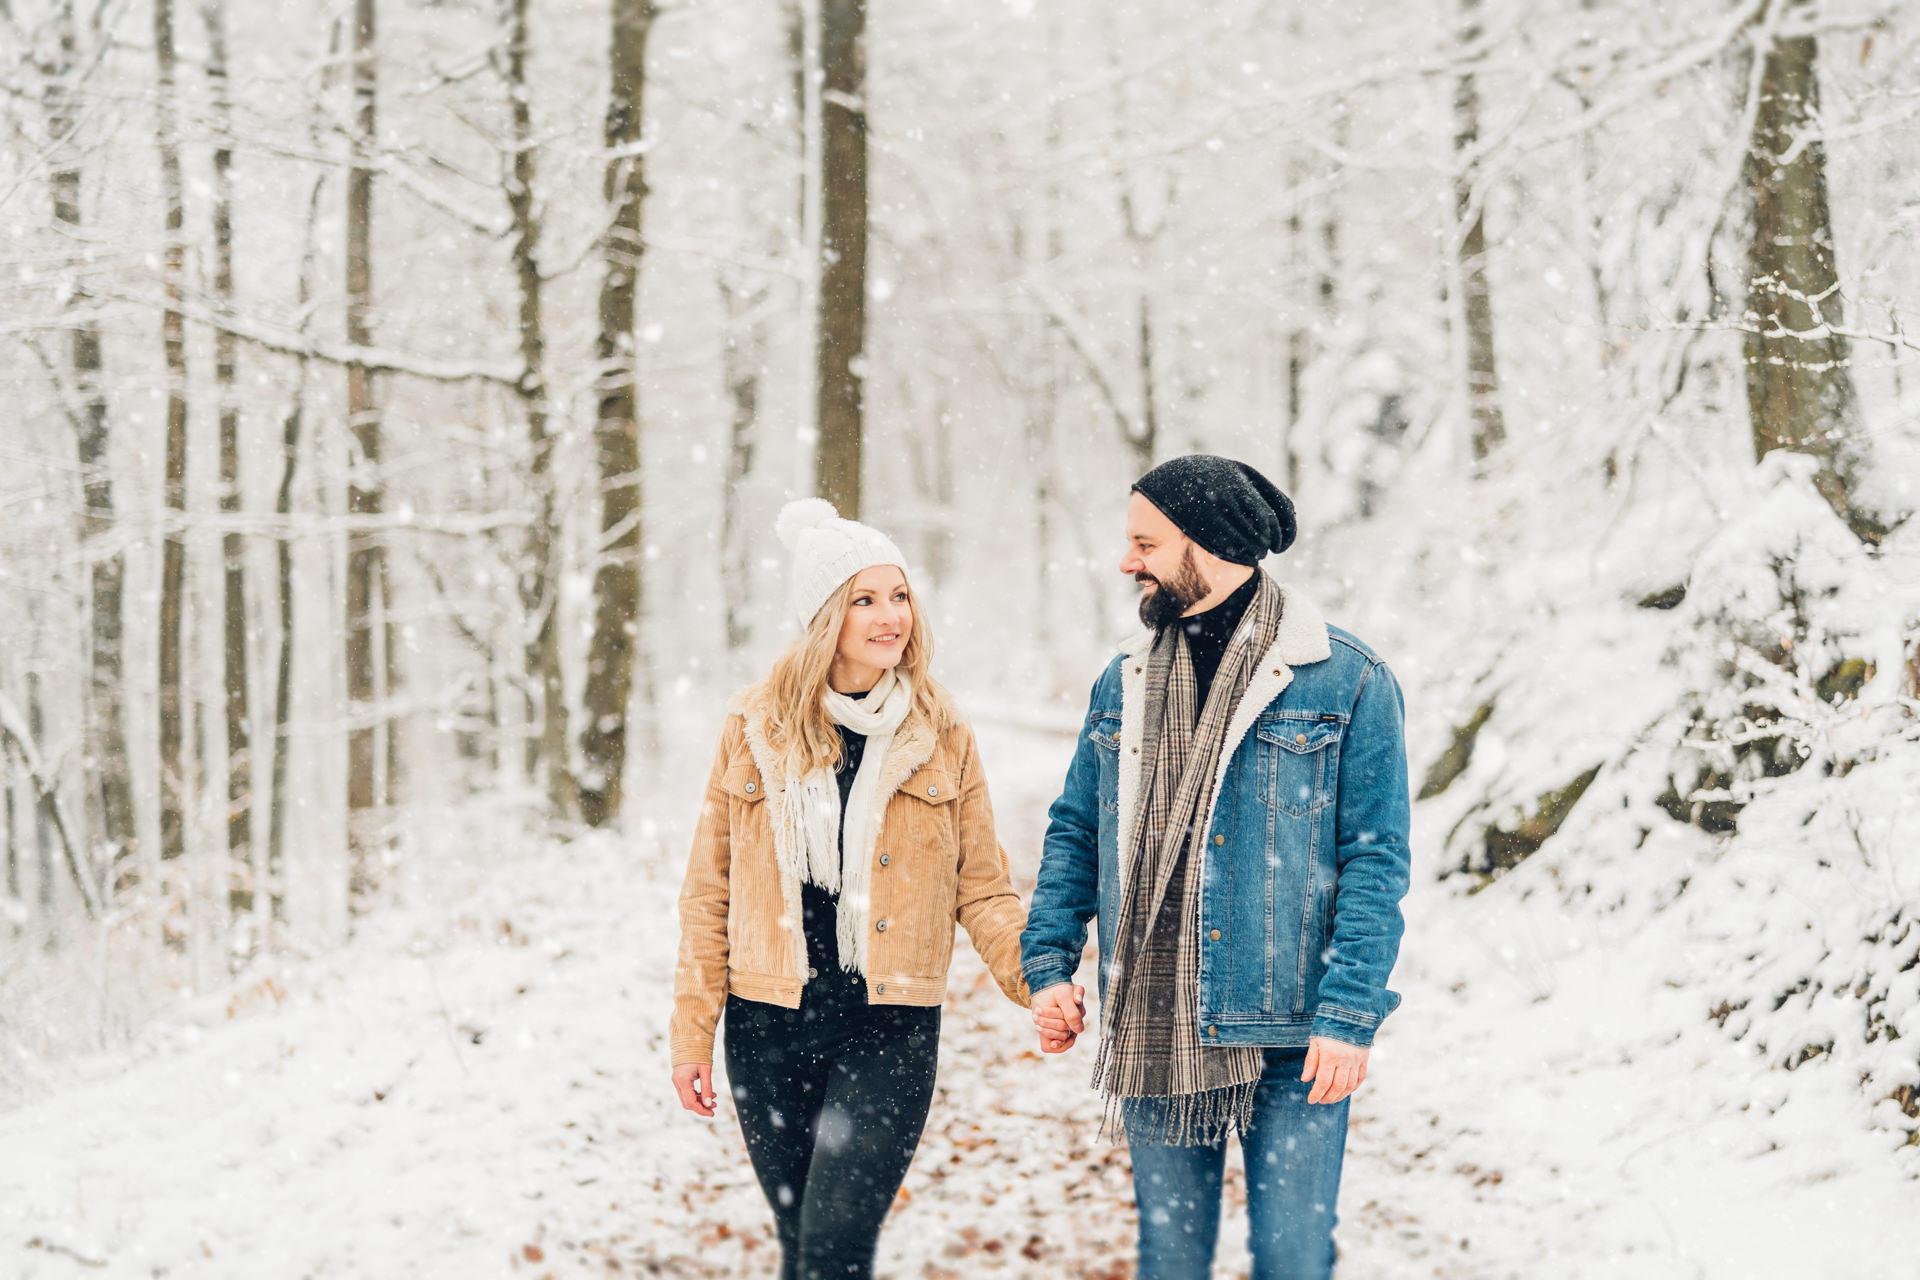 Schnee Fotografie, Schneefotos, Schneeshooting, Schneeportraits, Pärchen im Schnee